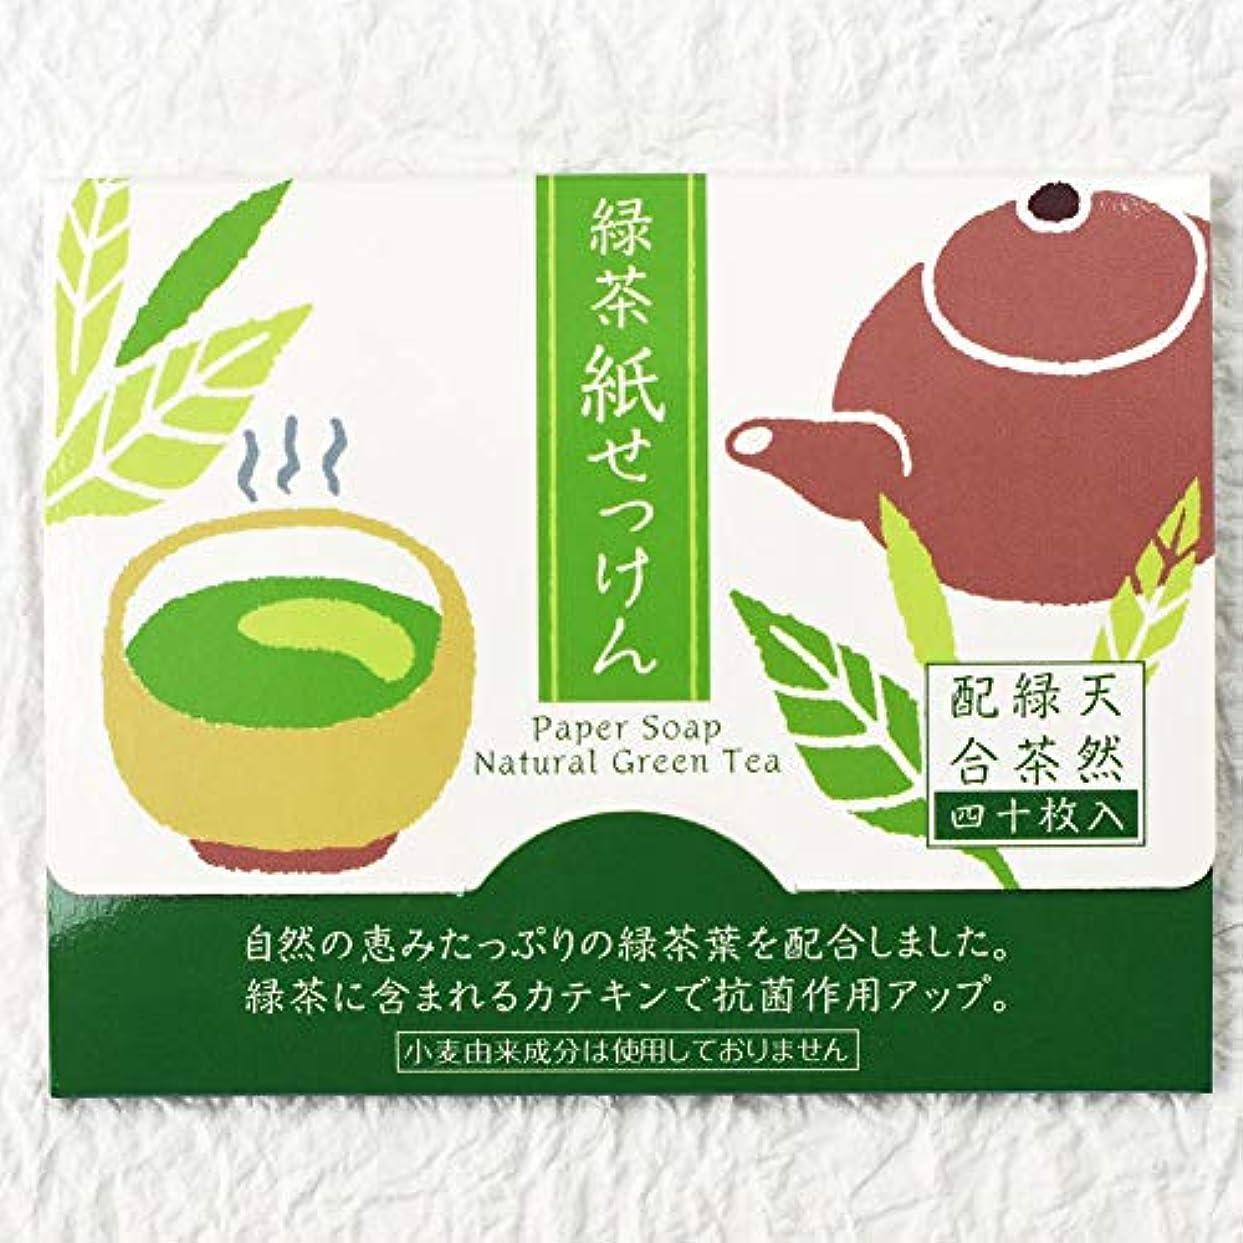 項目なんとなくの配列表現社 紙せっけん 天然緑茶配合 22-289